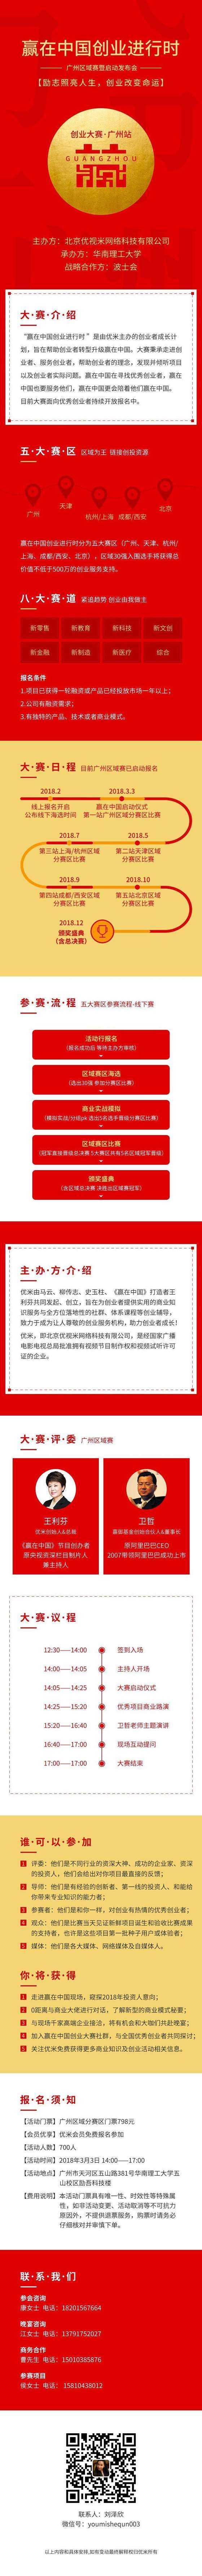 创业大赛广州区0223活动行.jpg